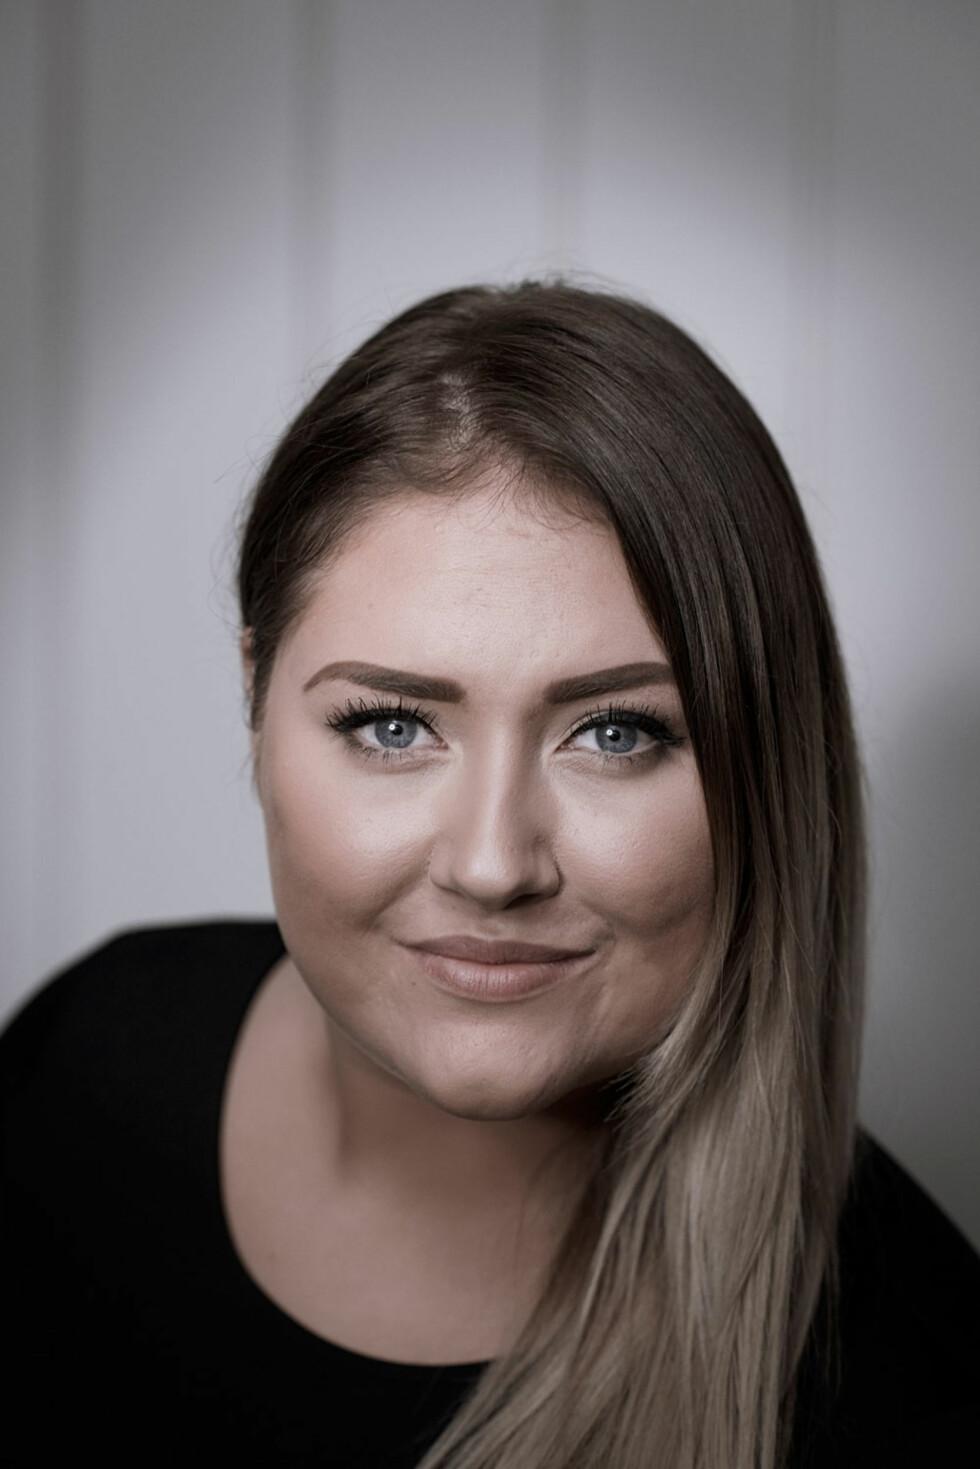 FIKK HJELP AV SANGEN: Cathrine mistet sanggleden etter at lillesøsteren ble drept på Utøya. Nå, fire år etter tragedien, har det blitt gøy igjen. Foto: Julie Christine Krøvel